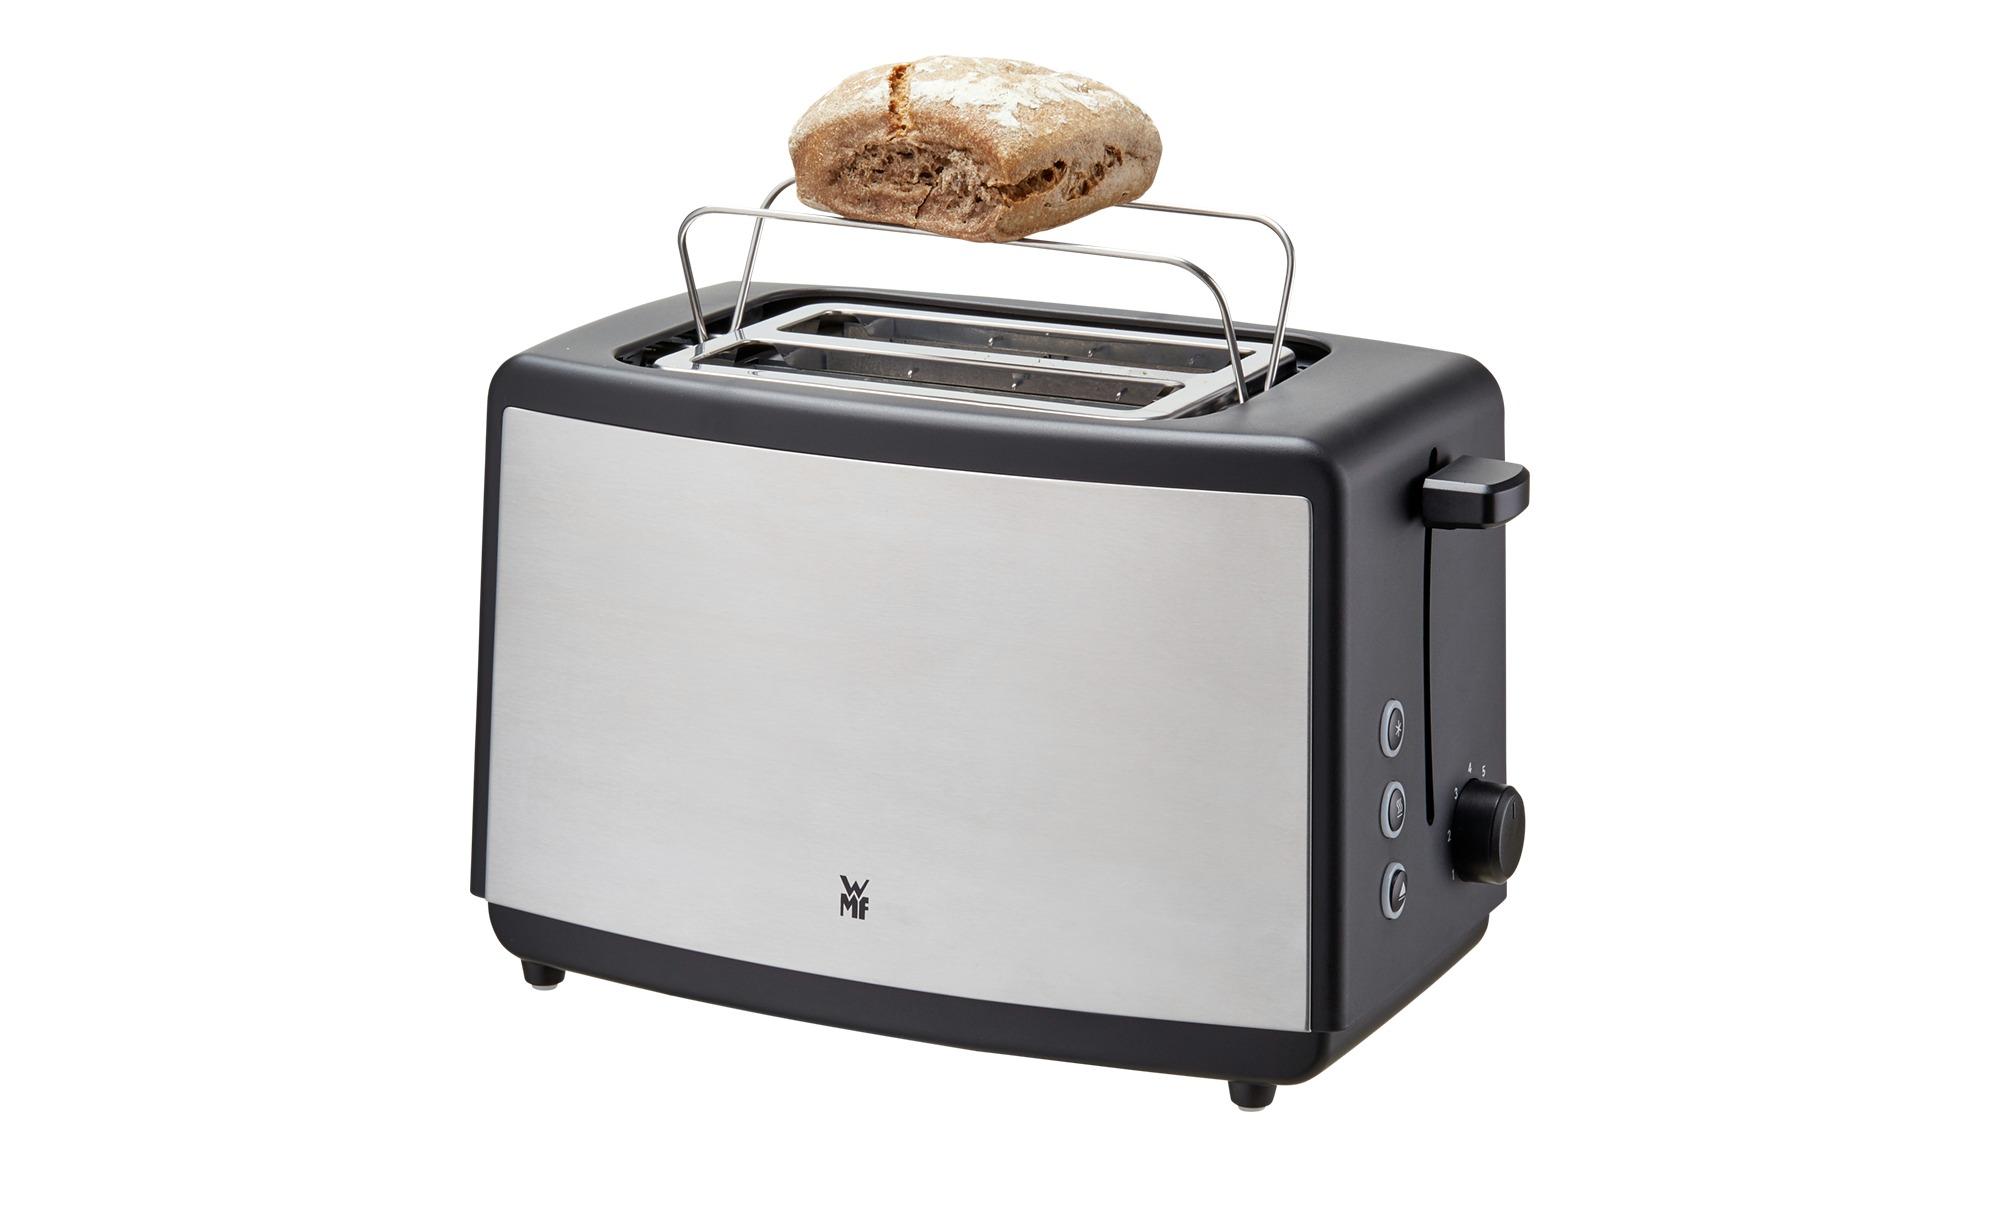 WMF Toaster Bueno EDT  0414110011 ¦ silber ¦ Kunststoff, Edelstahl ¦ Maße (cm): B: 30 H: 18 T: 16 Elektrokleingeräte > Toaster - Höffner | Küche und Esszimmer > Küchengeräte > Toaster | Möbel Höffner DE